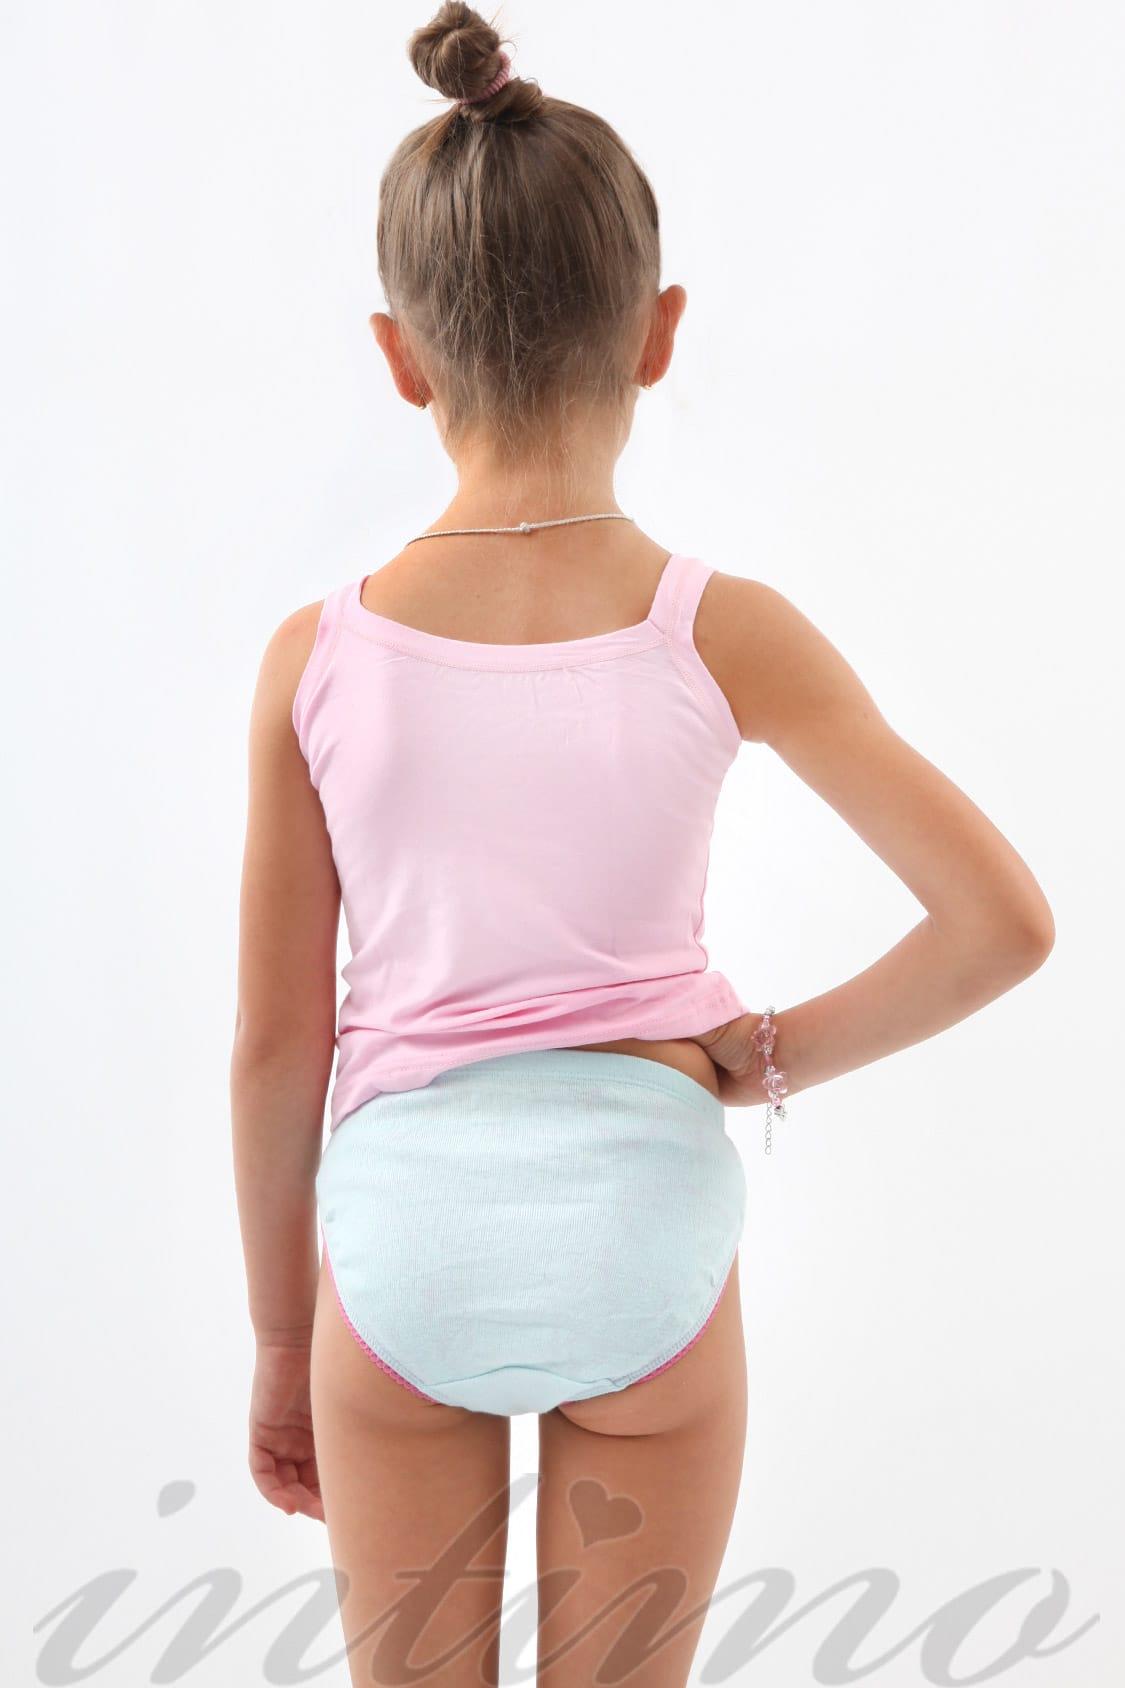 Женская Одежда Пляжная Купить